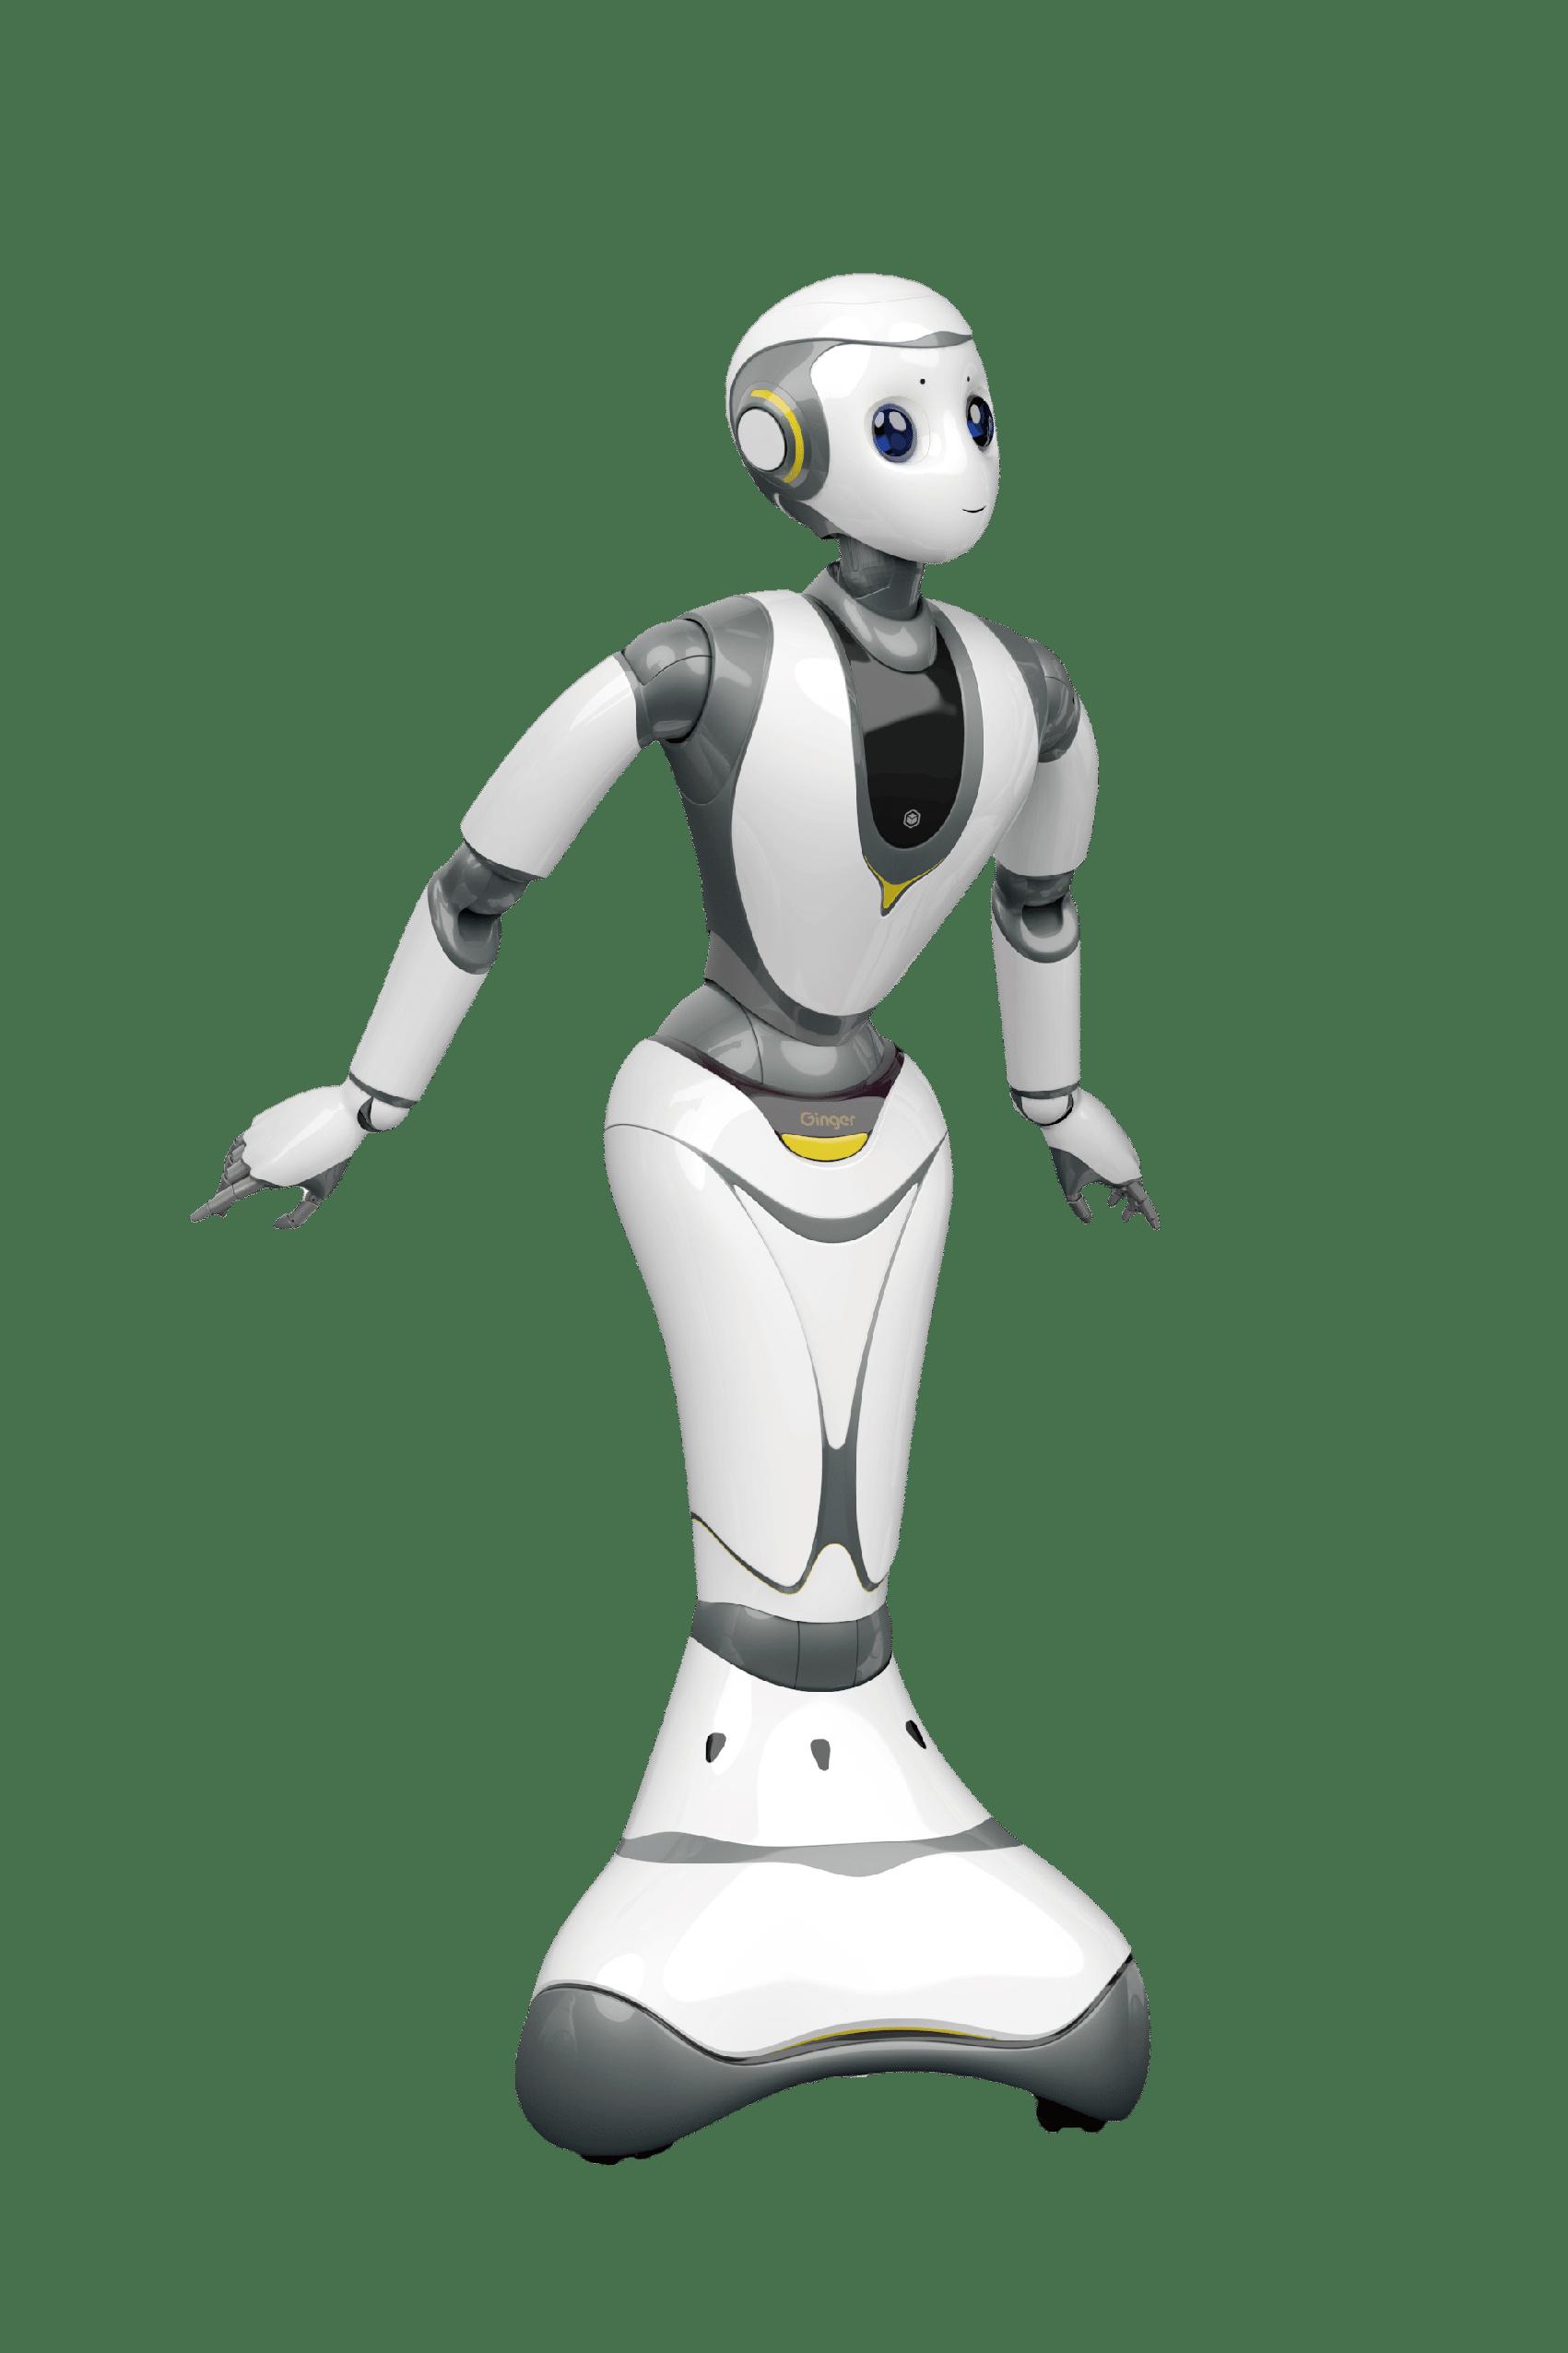 XR-1 Service Robot | CloudMinds Cloud Robots